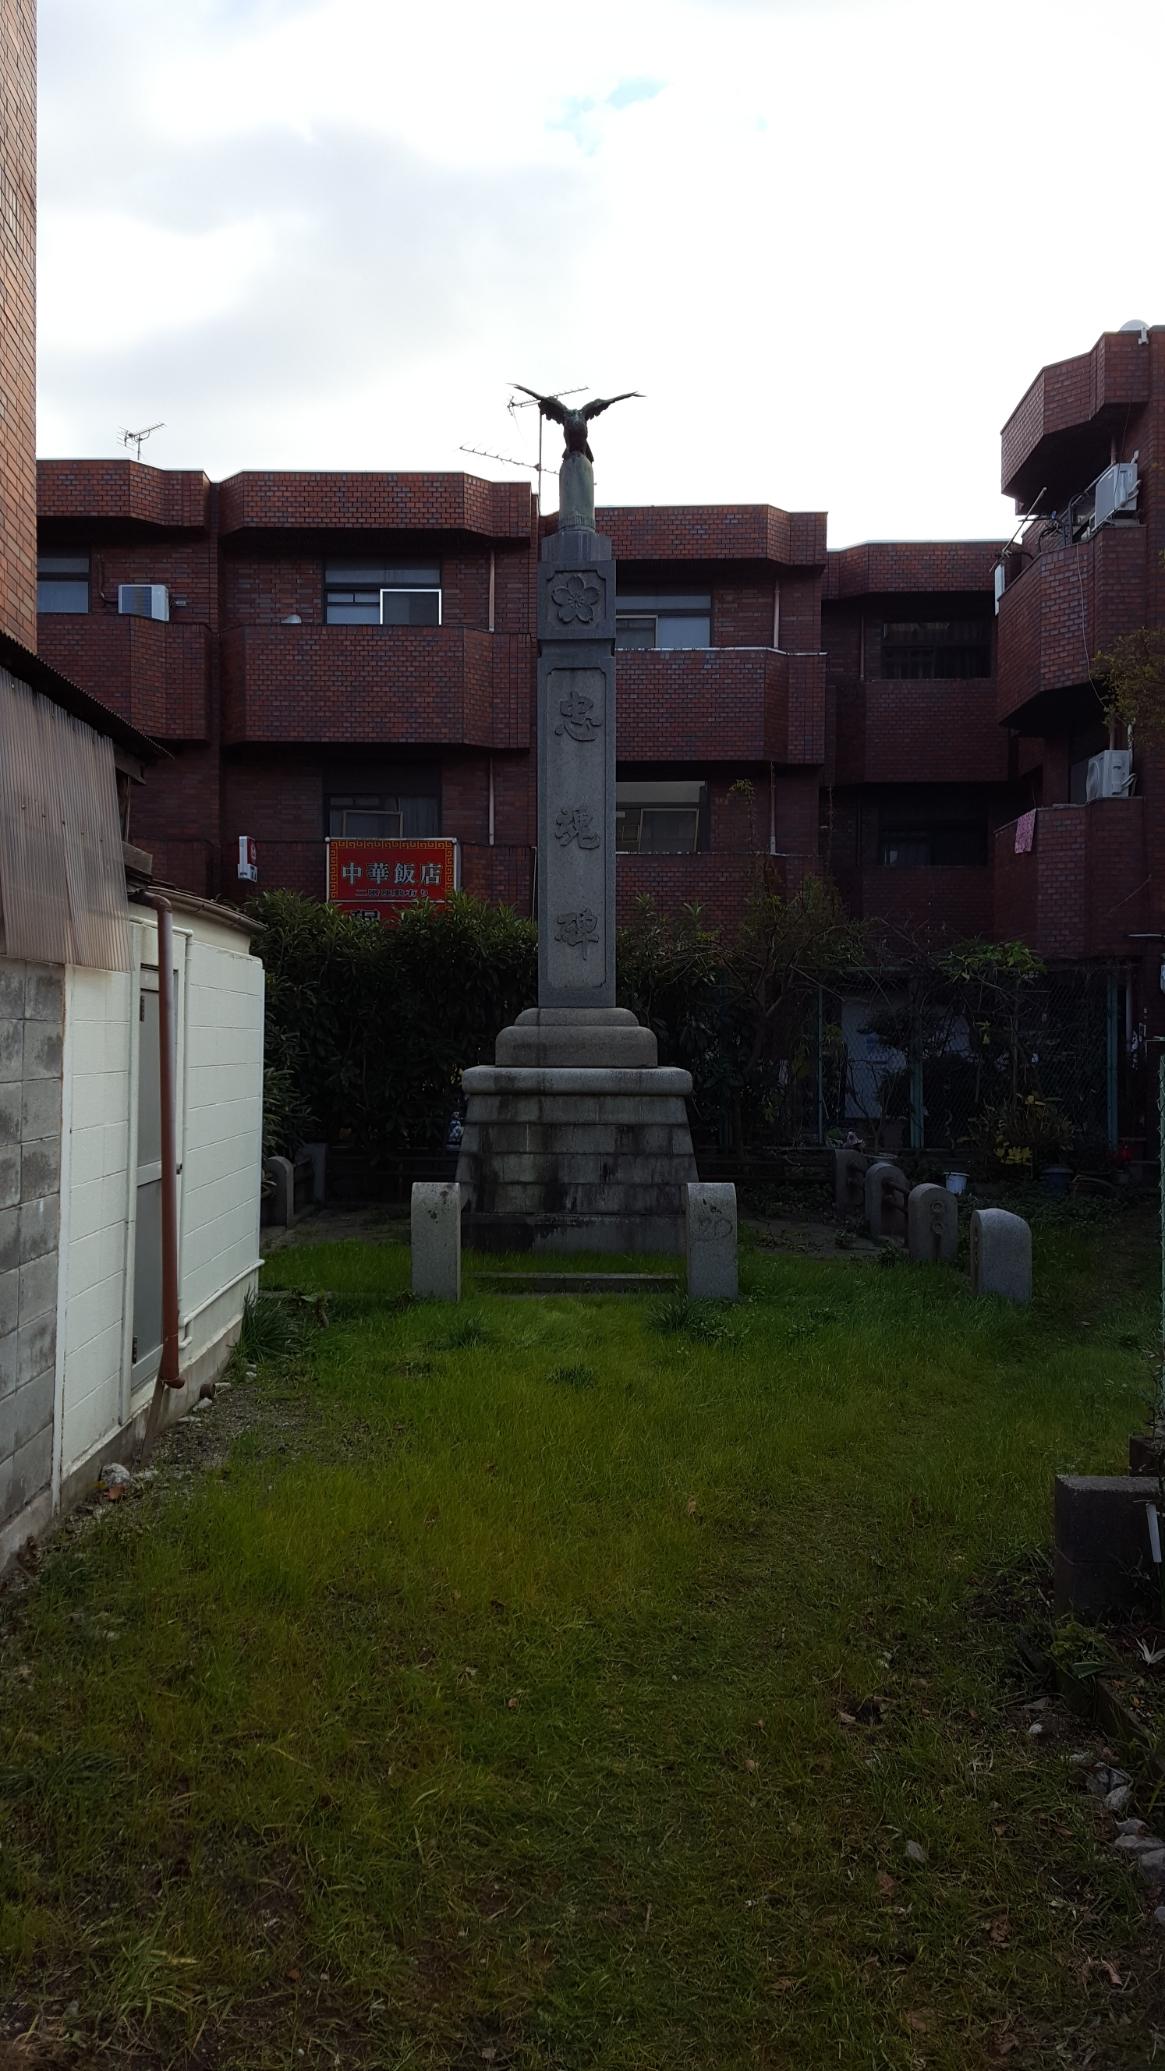 近くで観ると第二次大戦より十数年前の昭和3年に建てられた忠魂碑でした。 恐らく奥まった場所に在る為、GHQにも発見されずに残ったものかと思われますが、非常に立派な石碑でした。